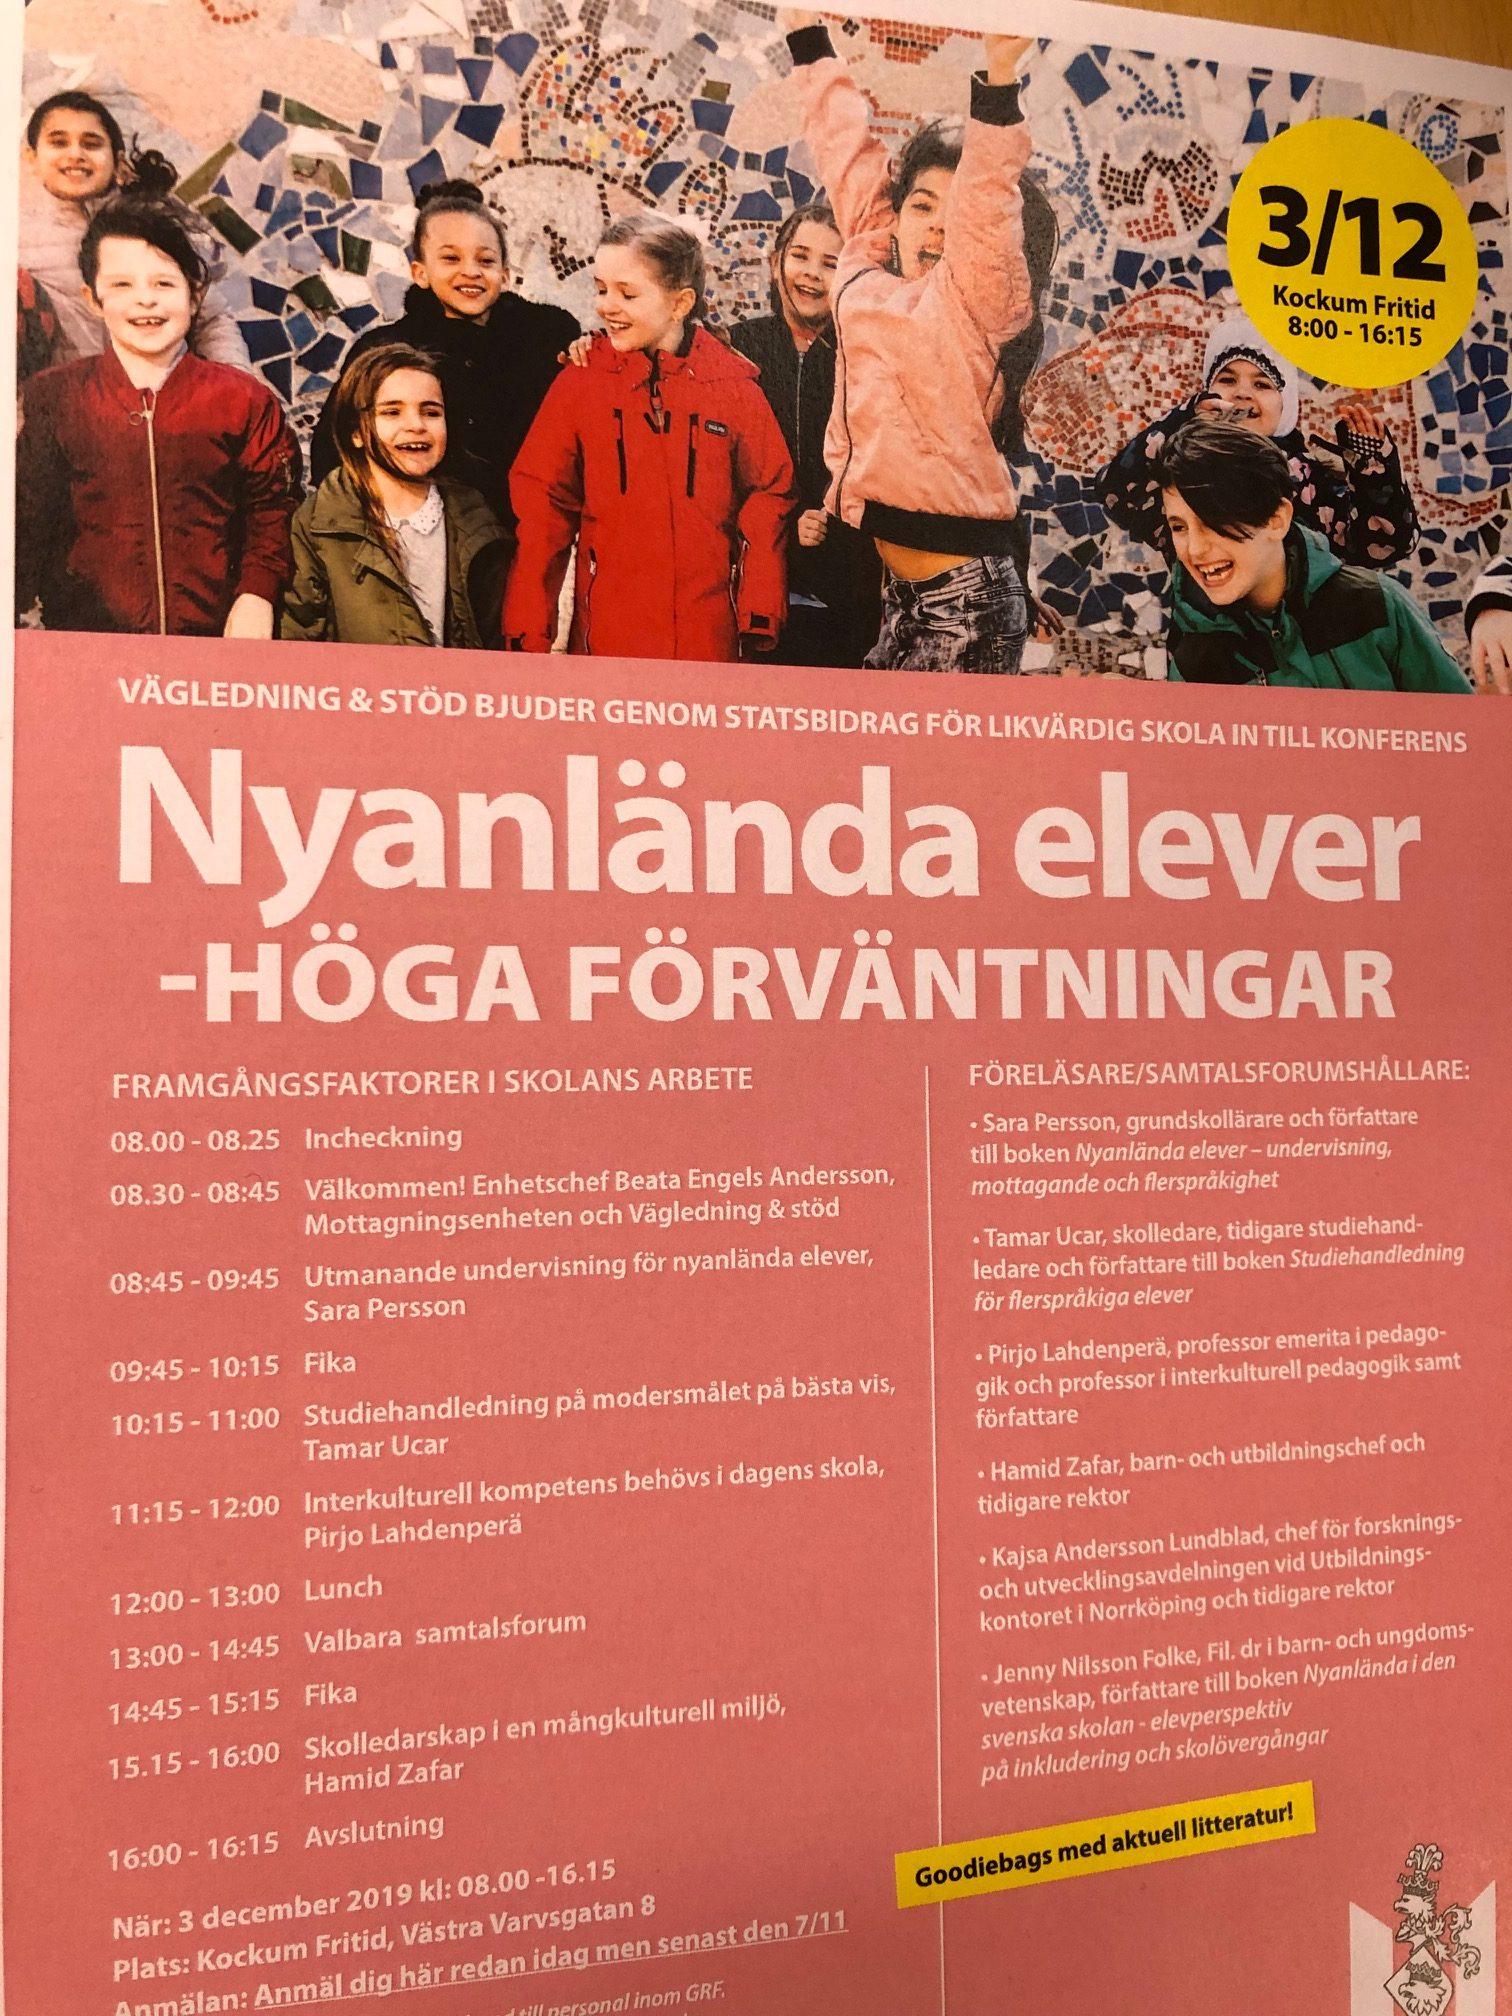 PDF över program för konferens.